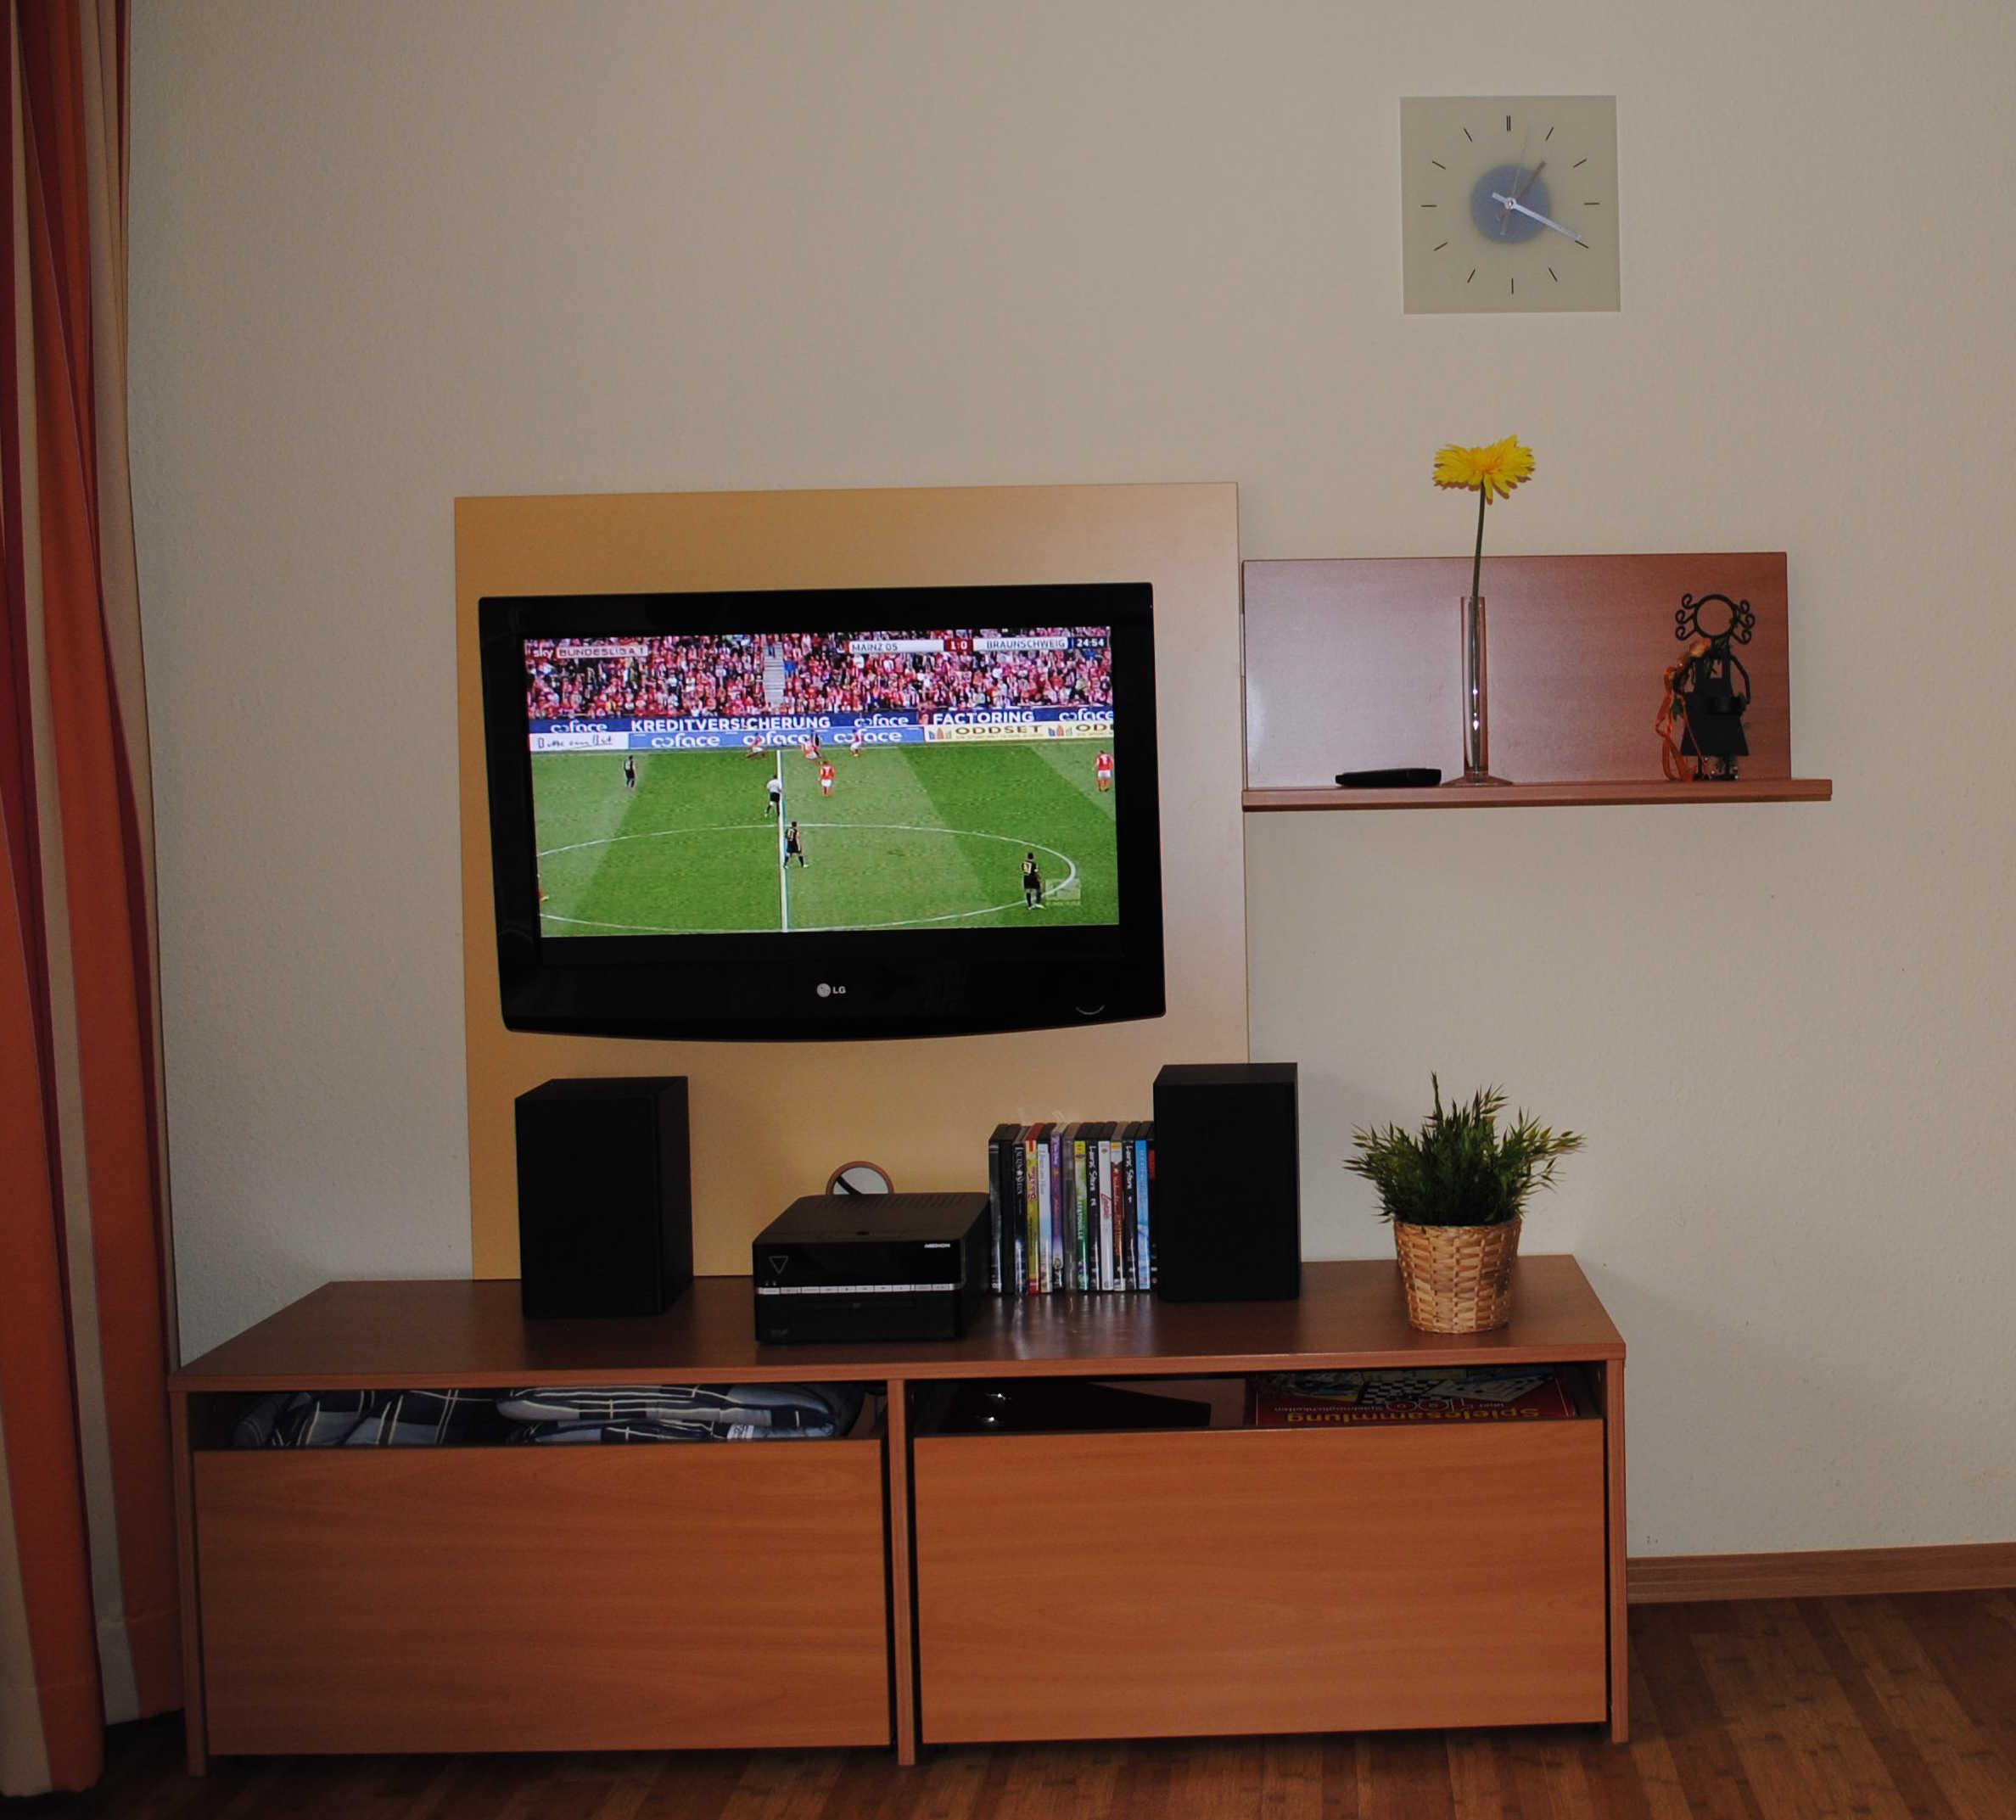 Wir bieten einen Flatscreen mit SKY-Empfang (Film und Bundesliga). Der DVD-Player spielt auch MP3-, USB-Dateien und Radio!